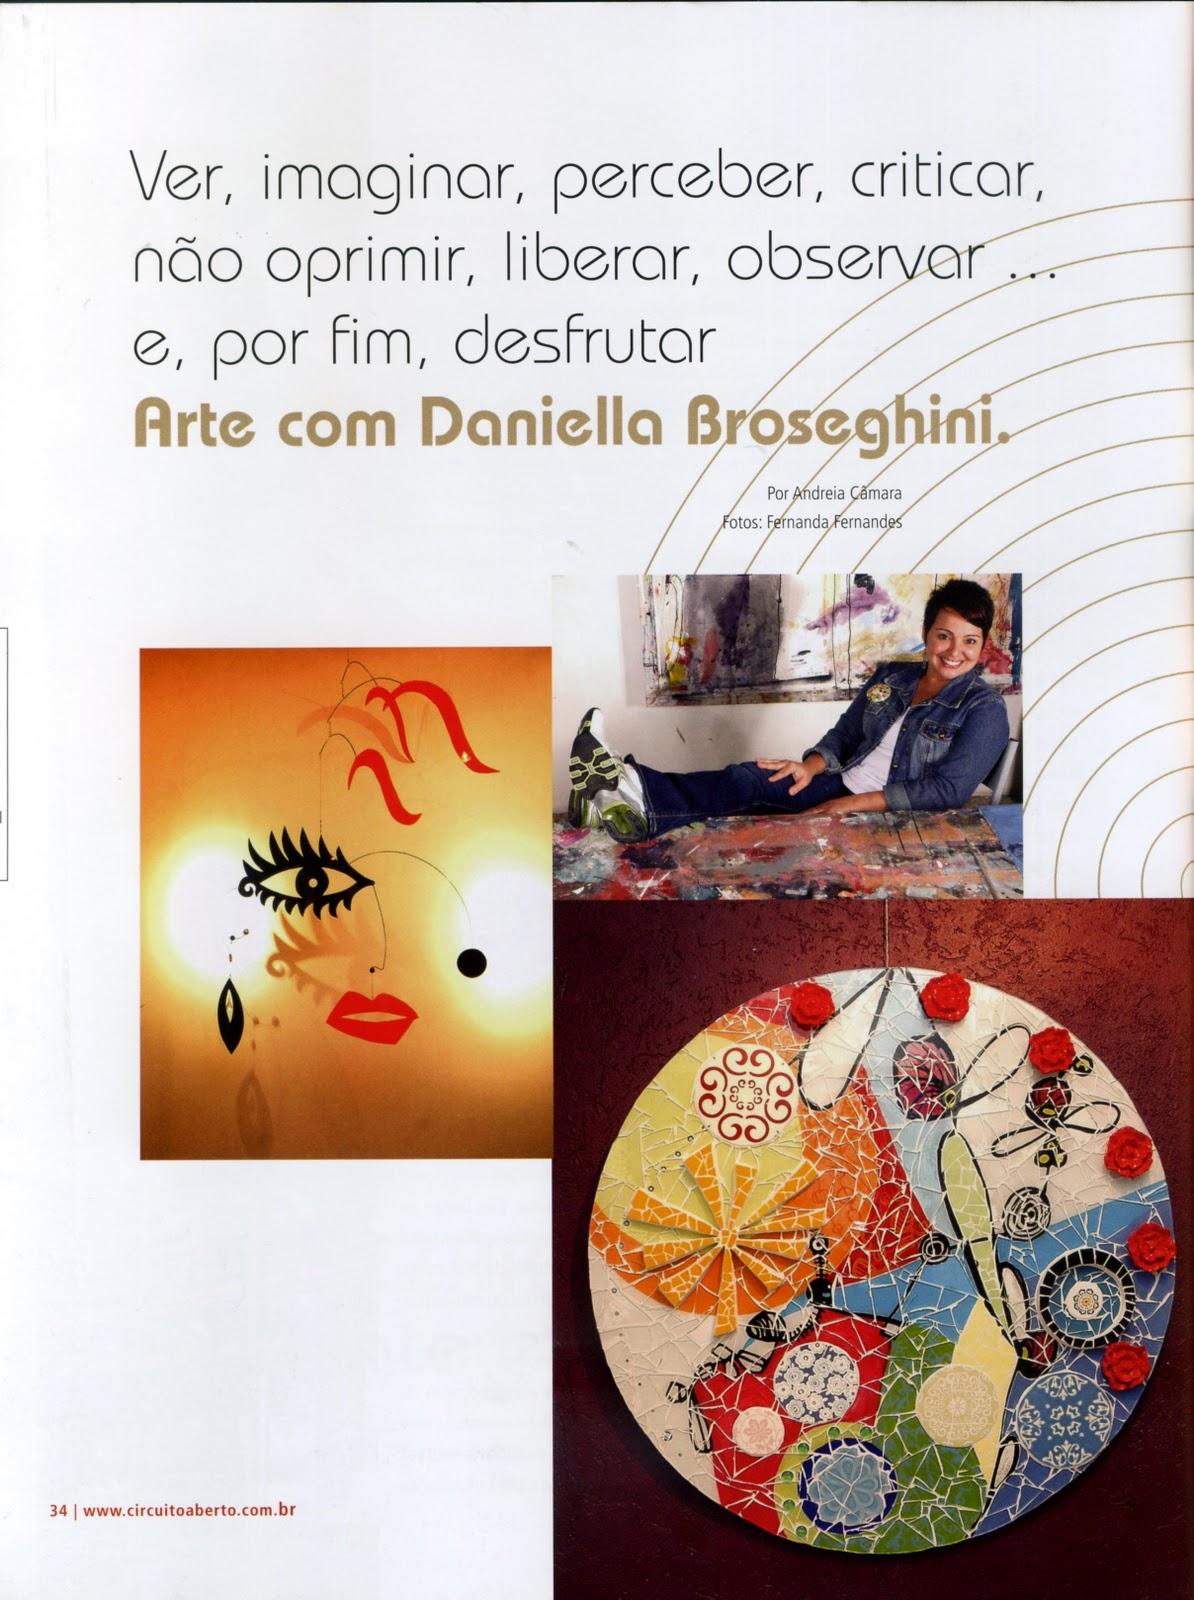 Circuito Aberto : Daniella broseghini: revista circuito aberto